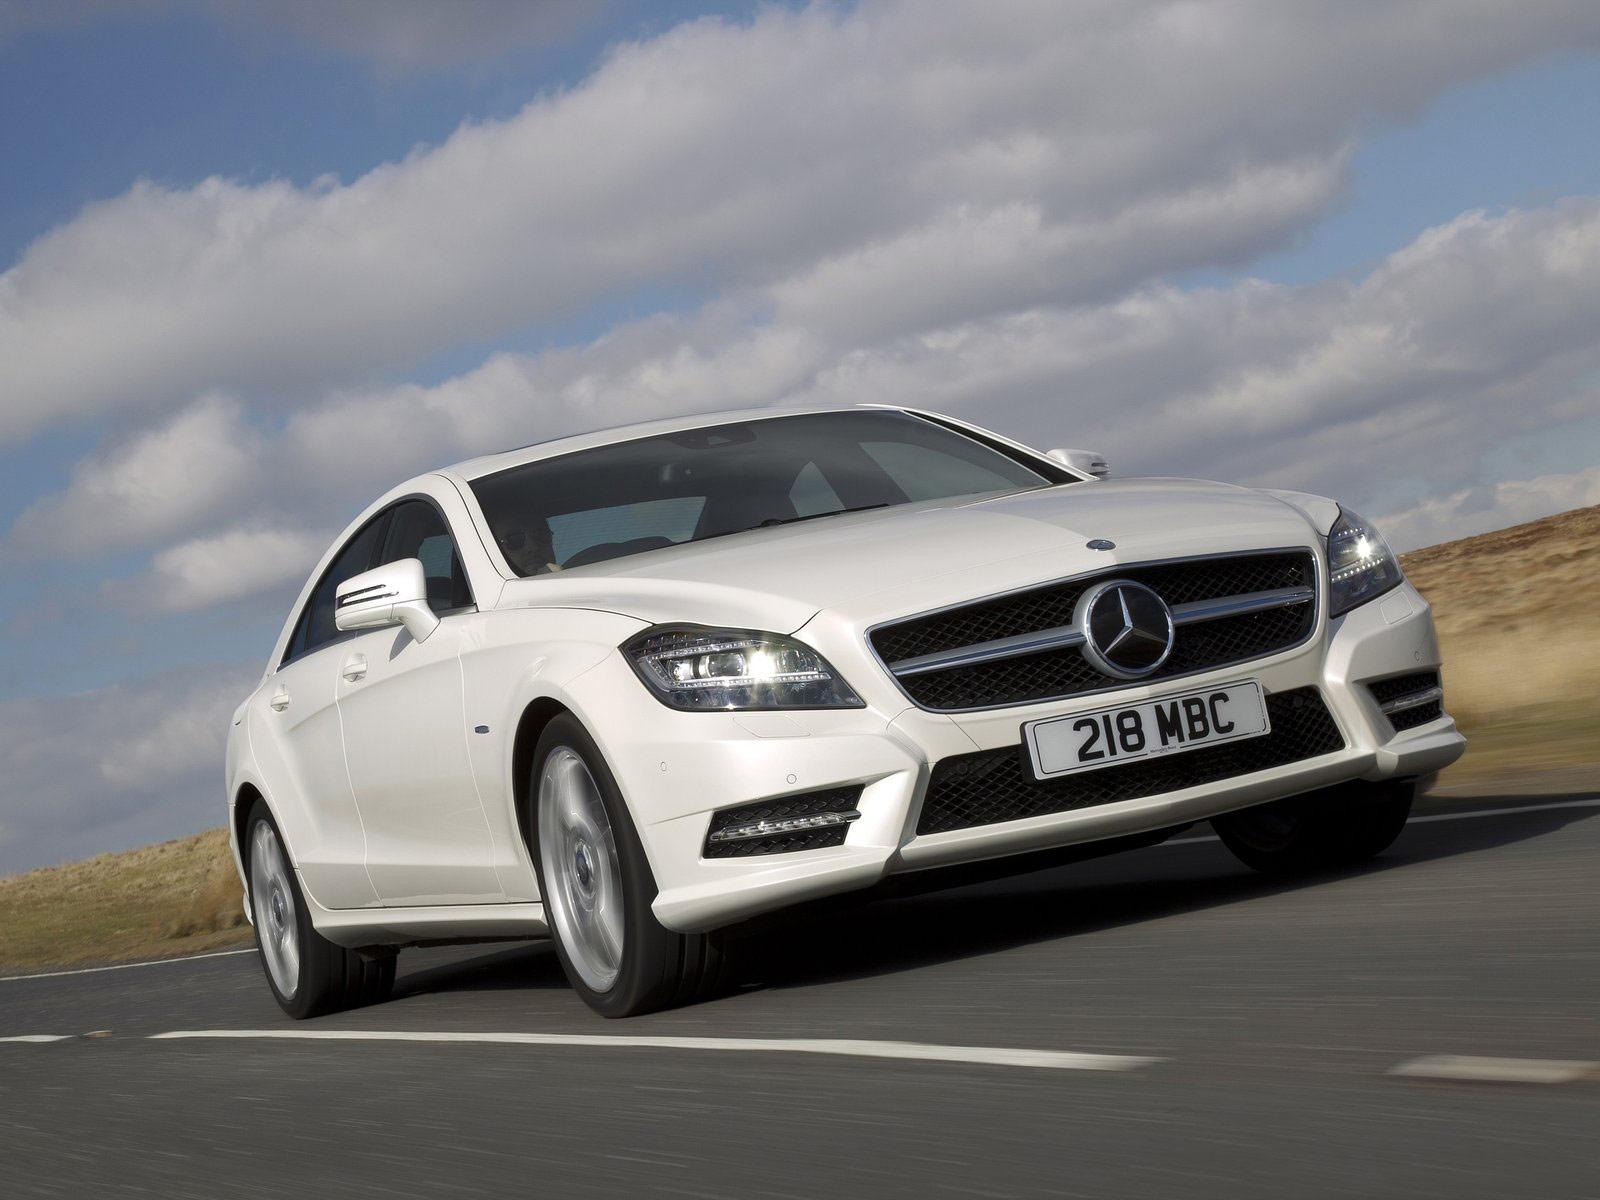 http://3.bp.blogspot.com/-1CTWwPaR9-Y/Tp4Z9q38LFI/AAAAAAAACmk/Pu4Pk_I6AAE/s1600/2012-Mercedes-Benz-CLS350-CDI-car-desktop-wallpaper-4.jpg